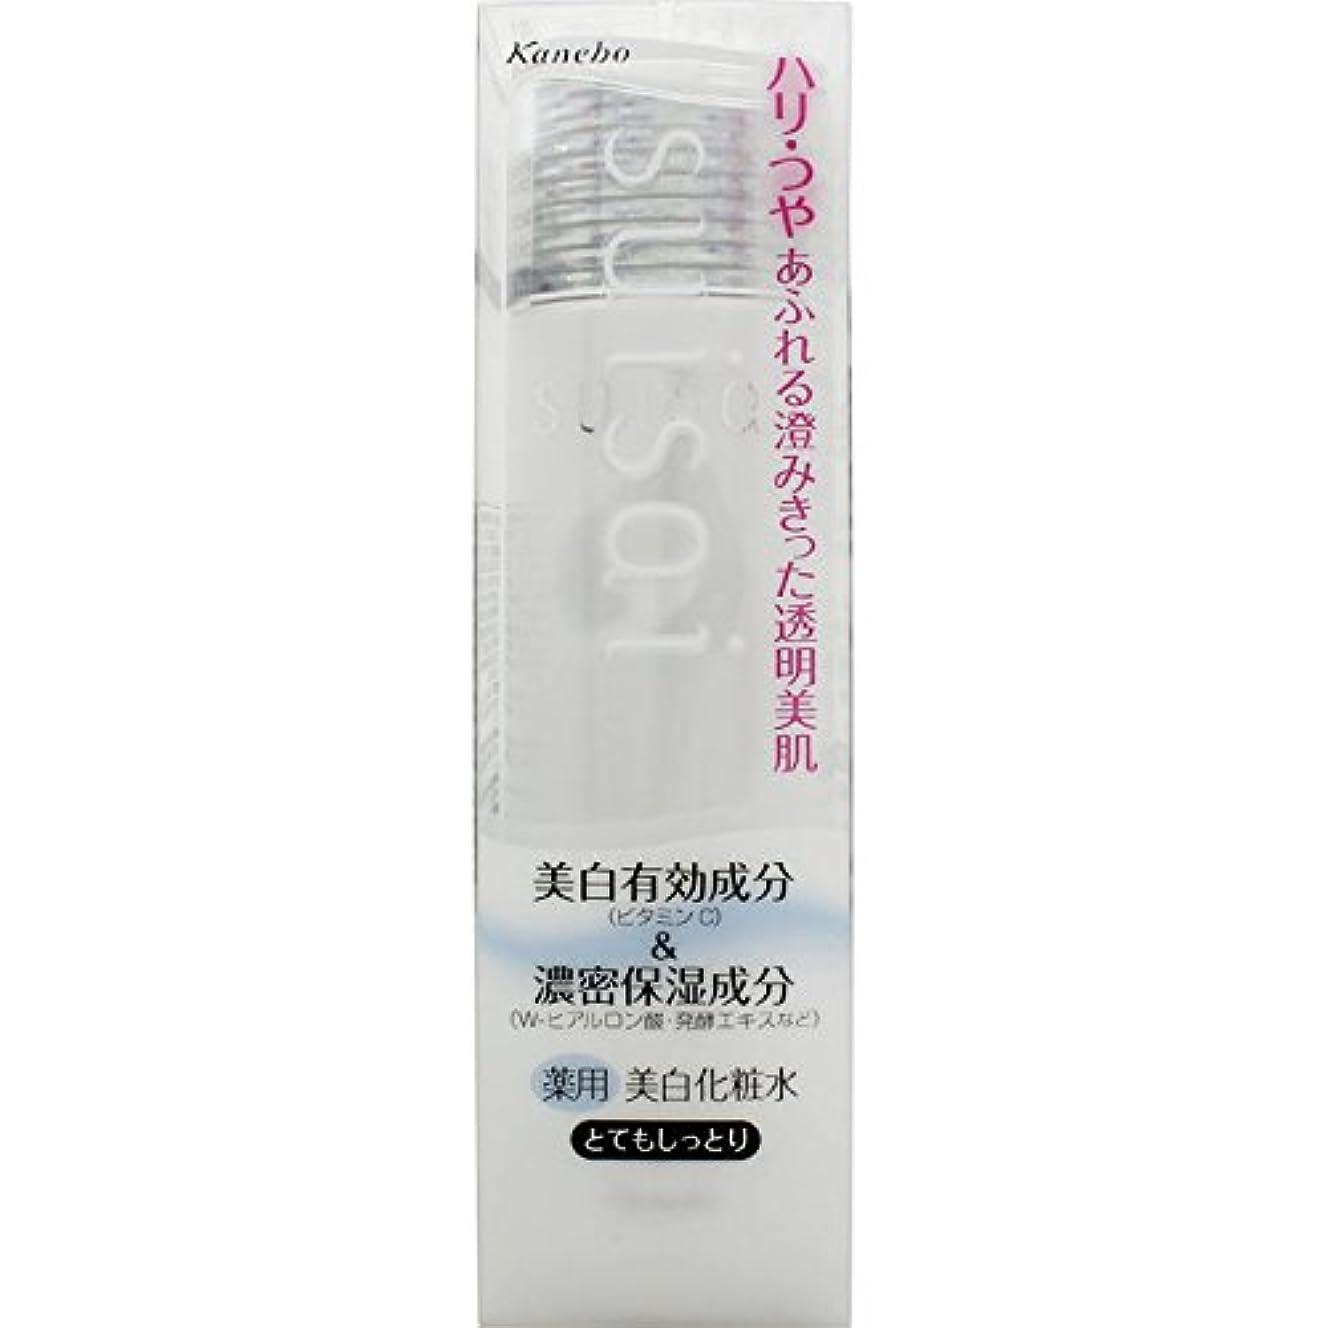 スズメバチコロニアル毎月カネボウ suisai ホワイトニングローションIII 150ml